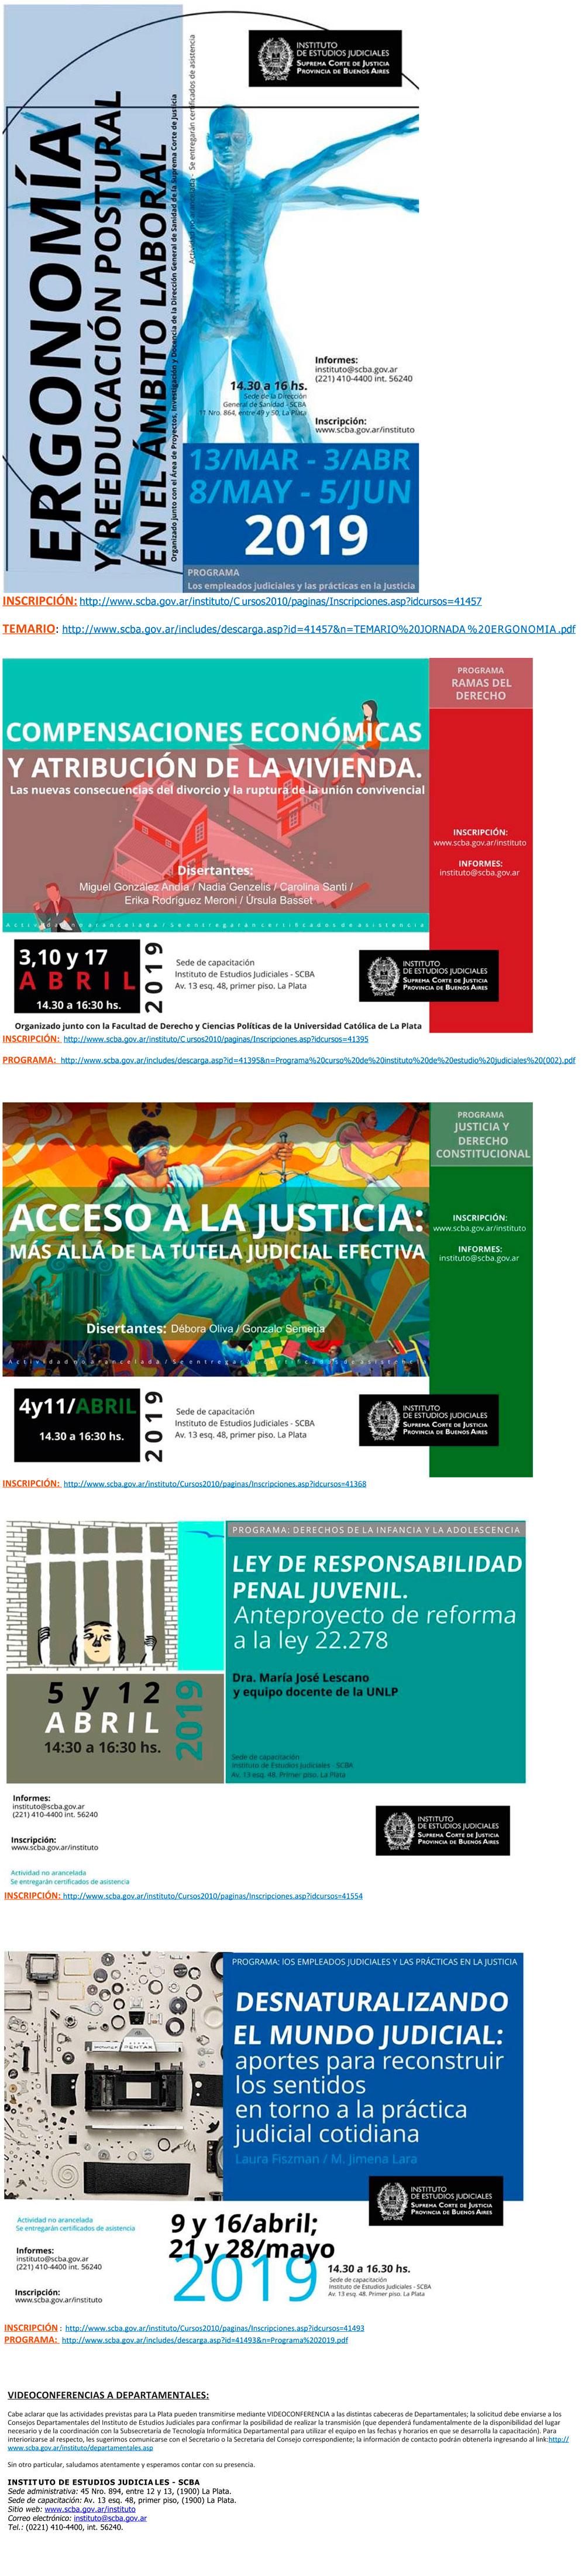 Instituto de Estudios Judiciales de la Suprema Corte de Justicia Pcia. de Bs. As.